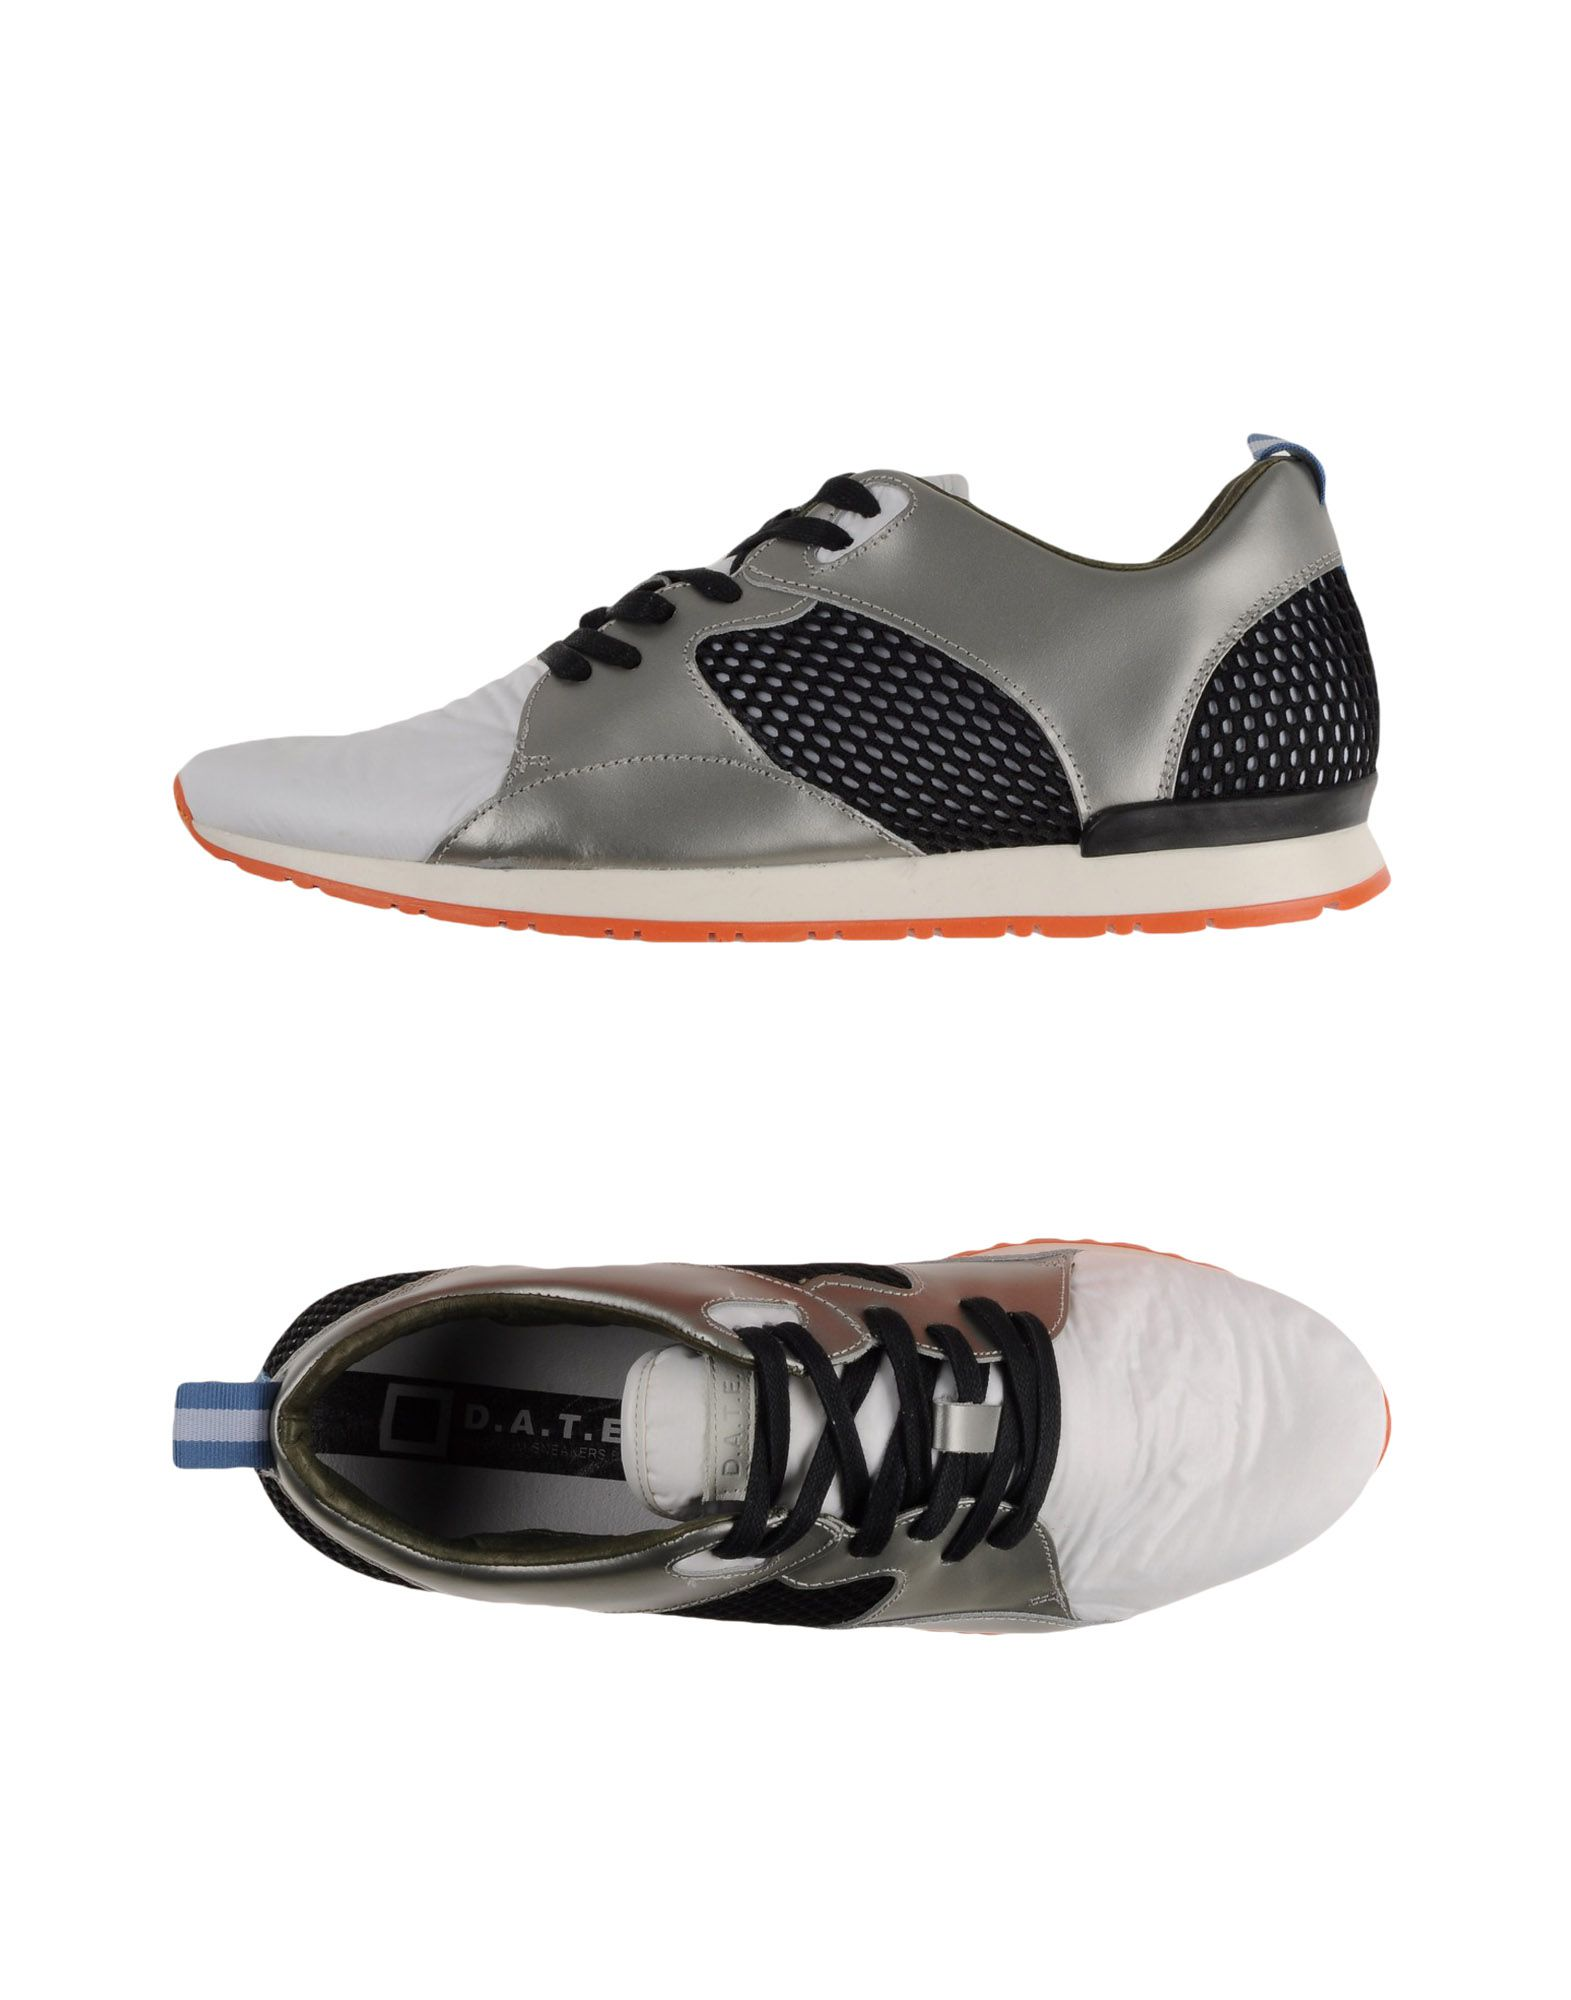 Rabatt echte Schuhe D.A.T.E. Sneakers Herren  11106721DW